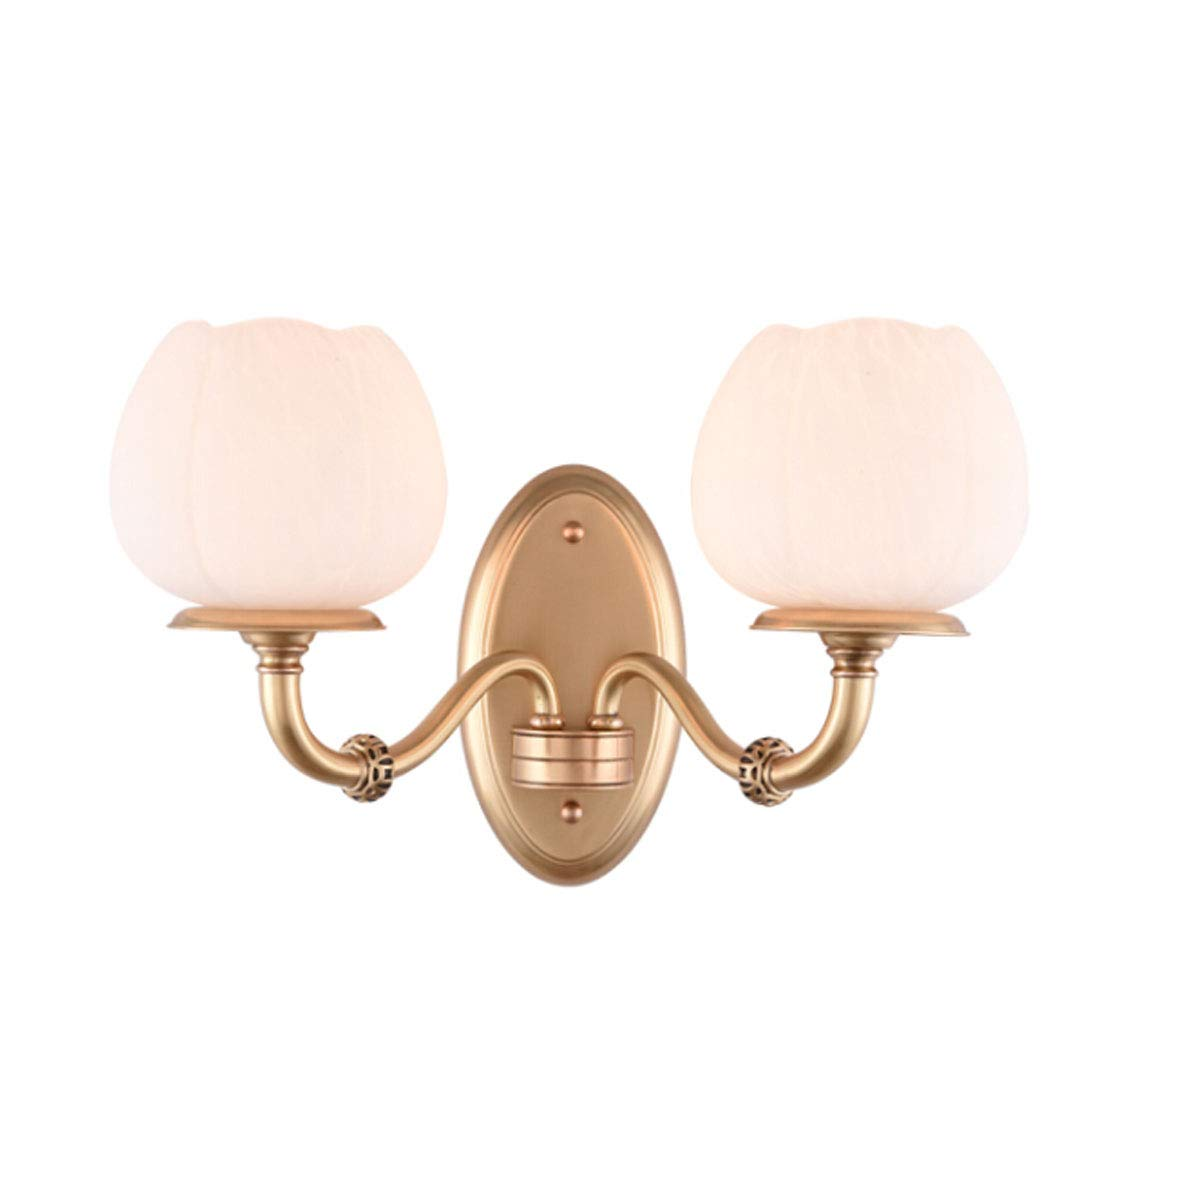 ウォールライト、豪華なベッドルームのベッドサイドウォールランプ、モダンな雰囲気のウォールランプ、豪華なウォールランプ(3灯オプション) (Color : White light) B07R4W3LMN White light